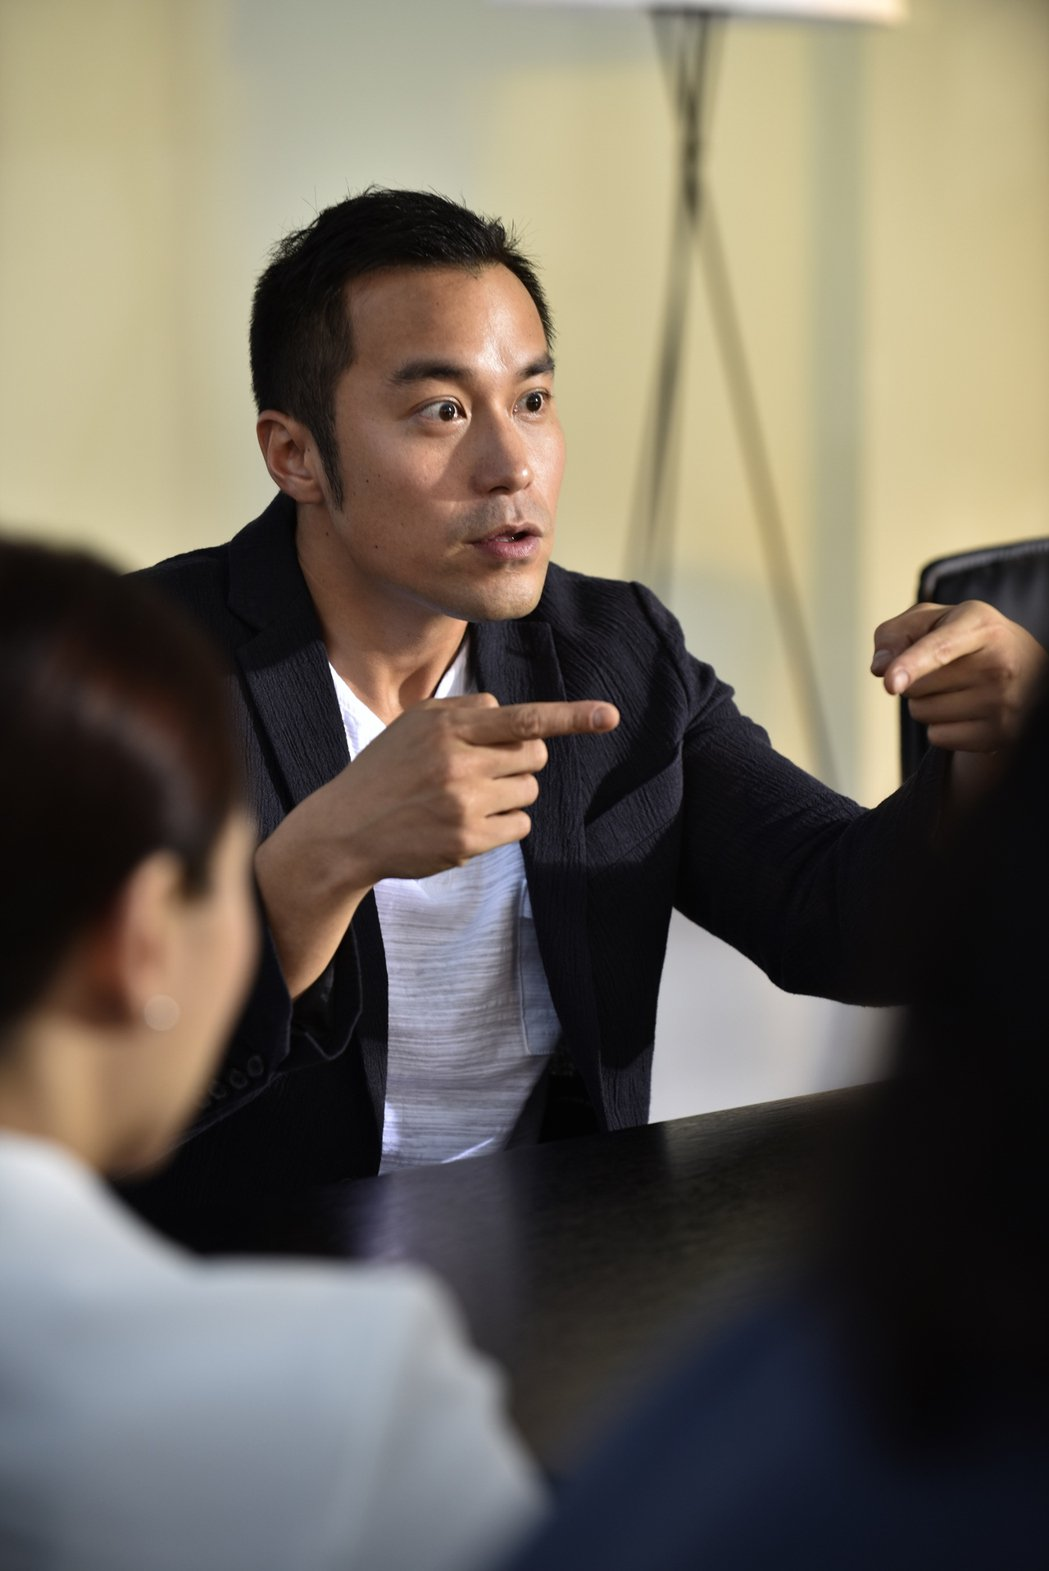 張孝全在「合約男女」扮演被相中捐精的直率男孩。圖/摘自双喜電影